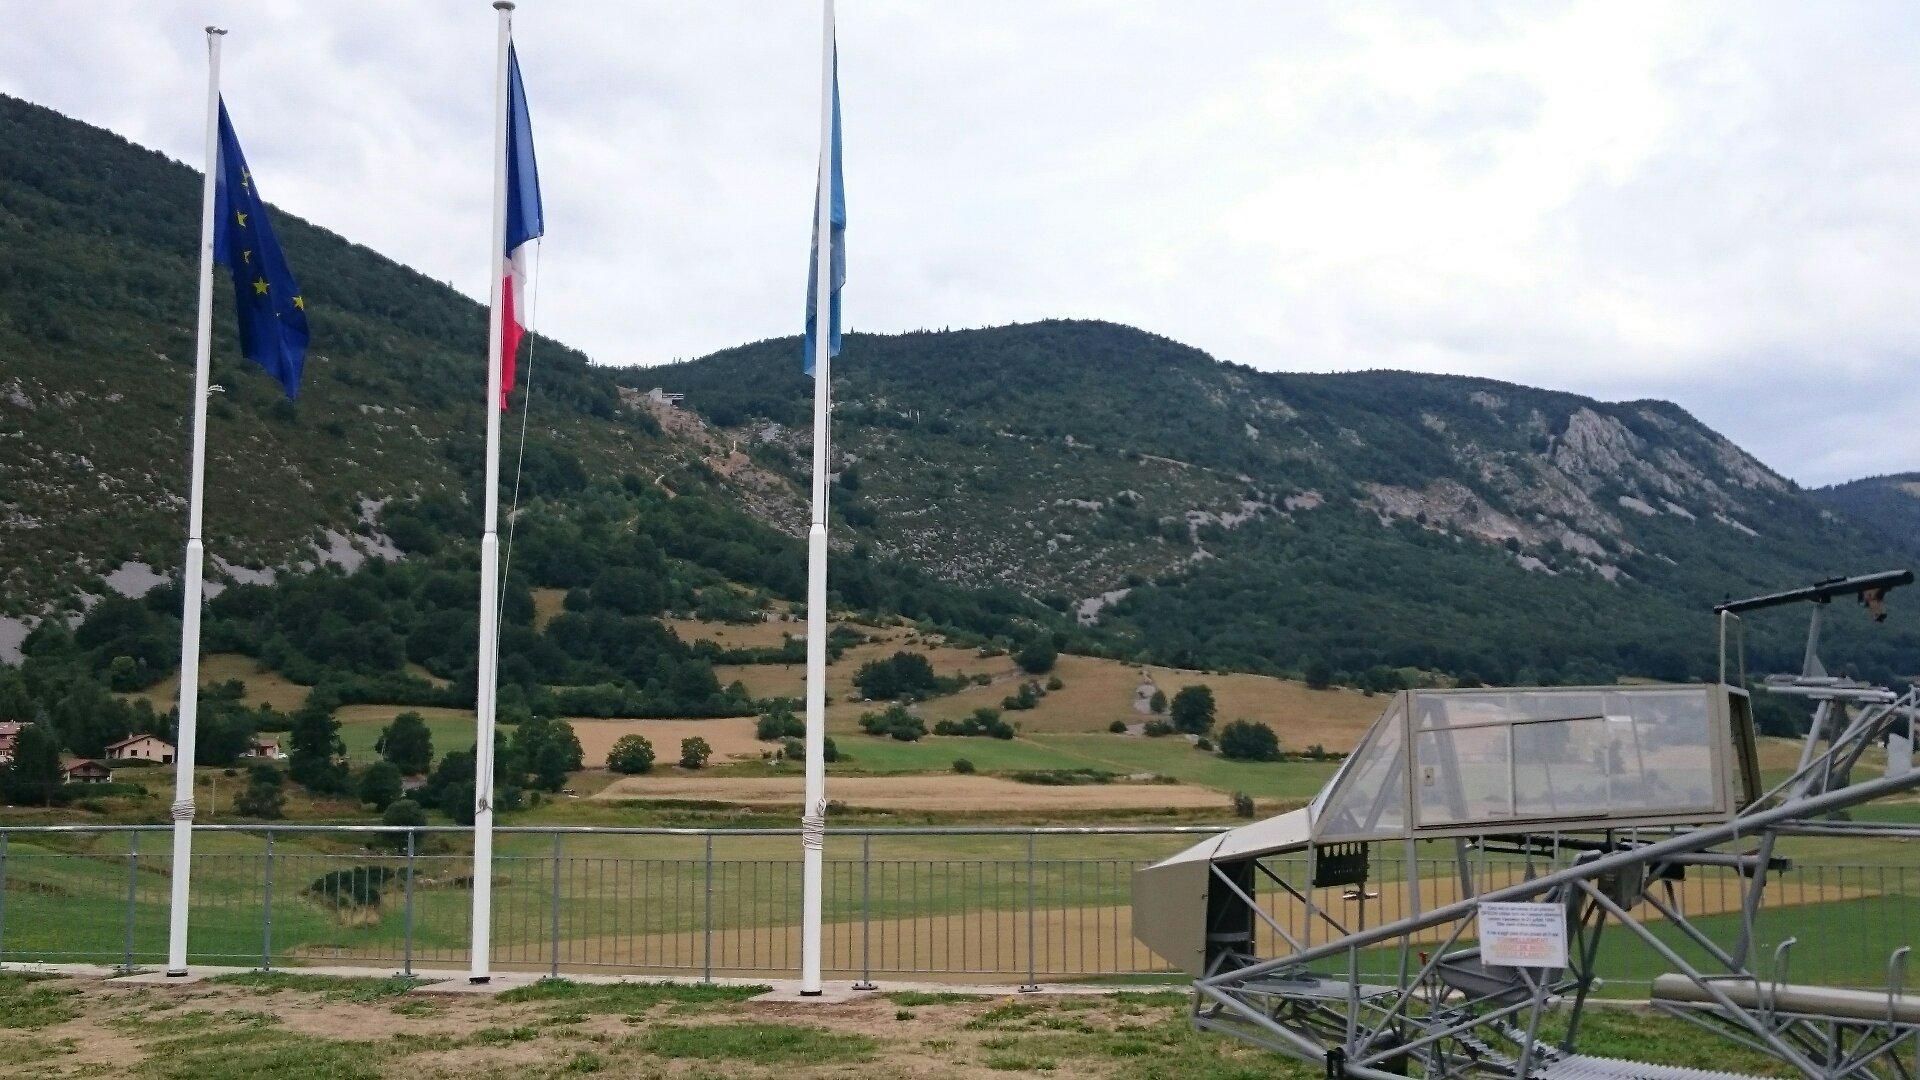 Camping musée de la resistance Vassieux